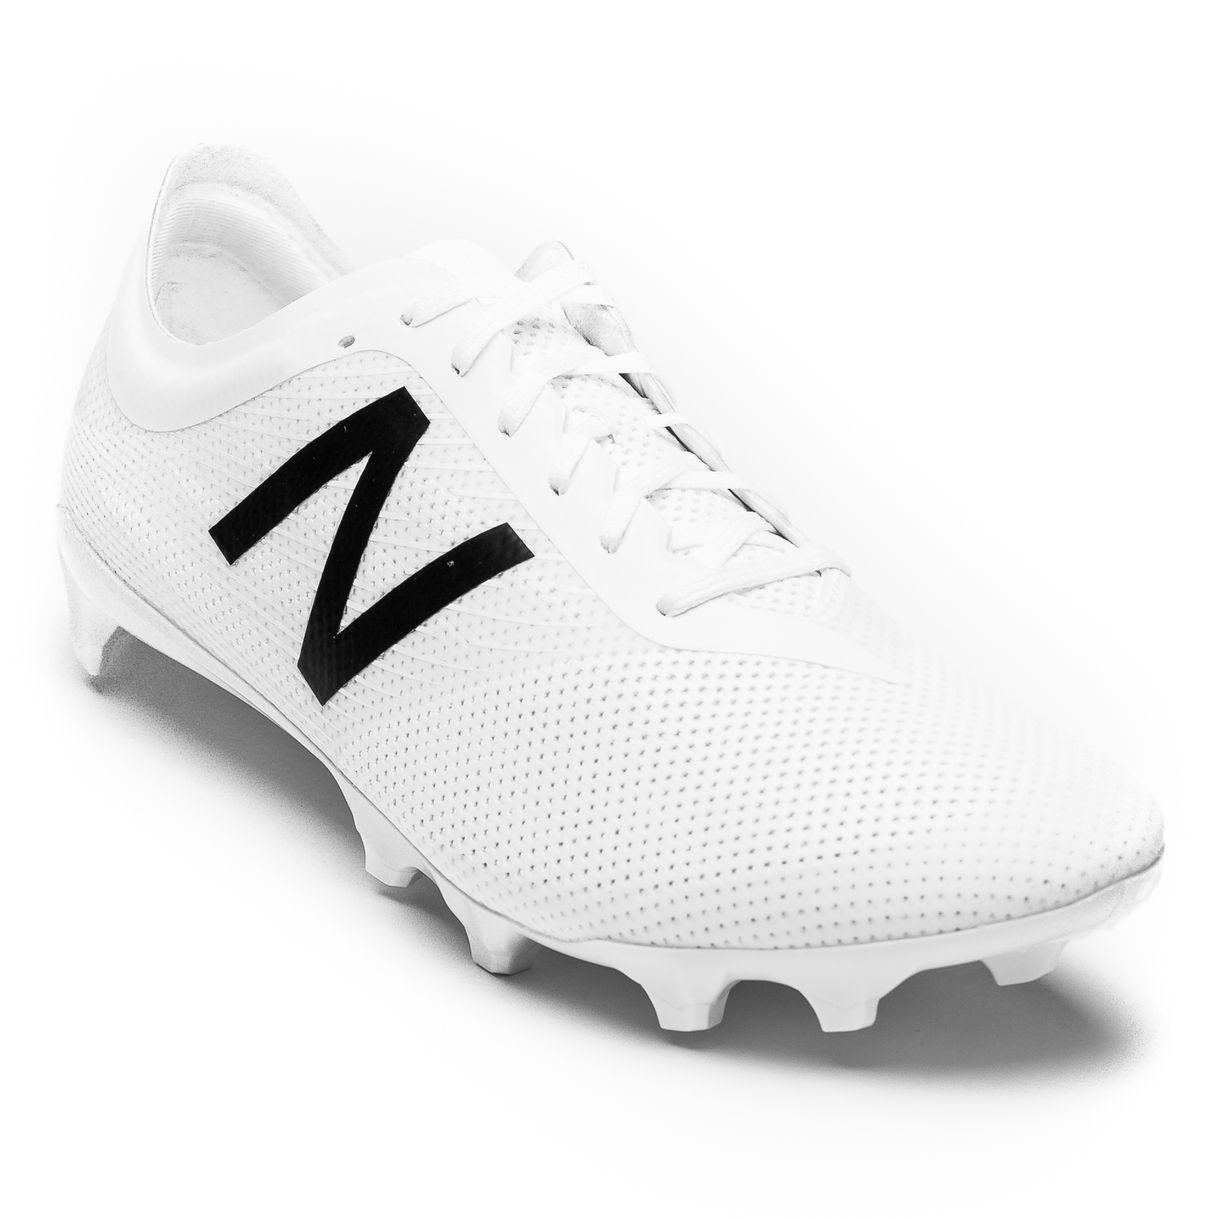 New Balance Furon 2.0 Pro FG Whiteout